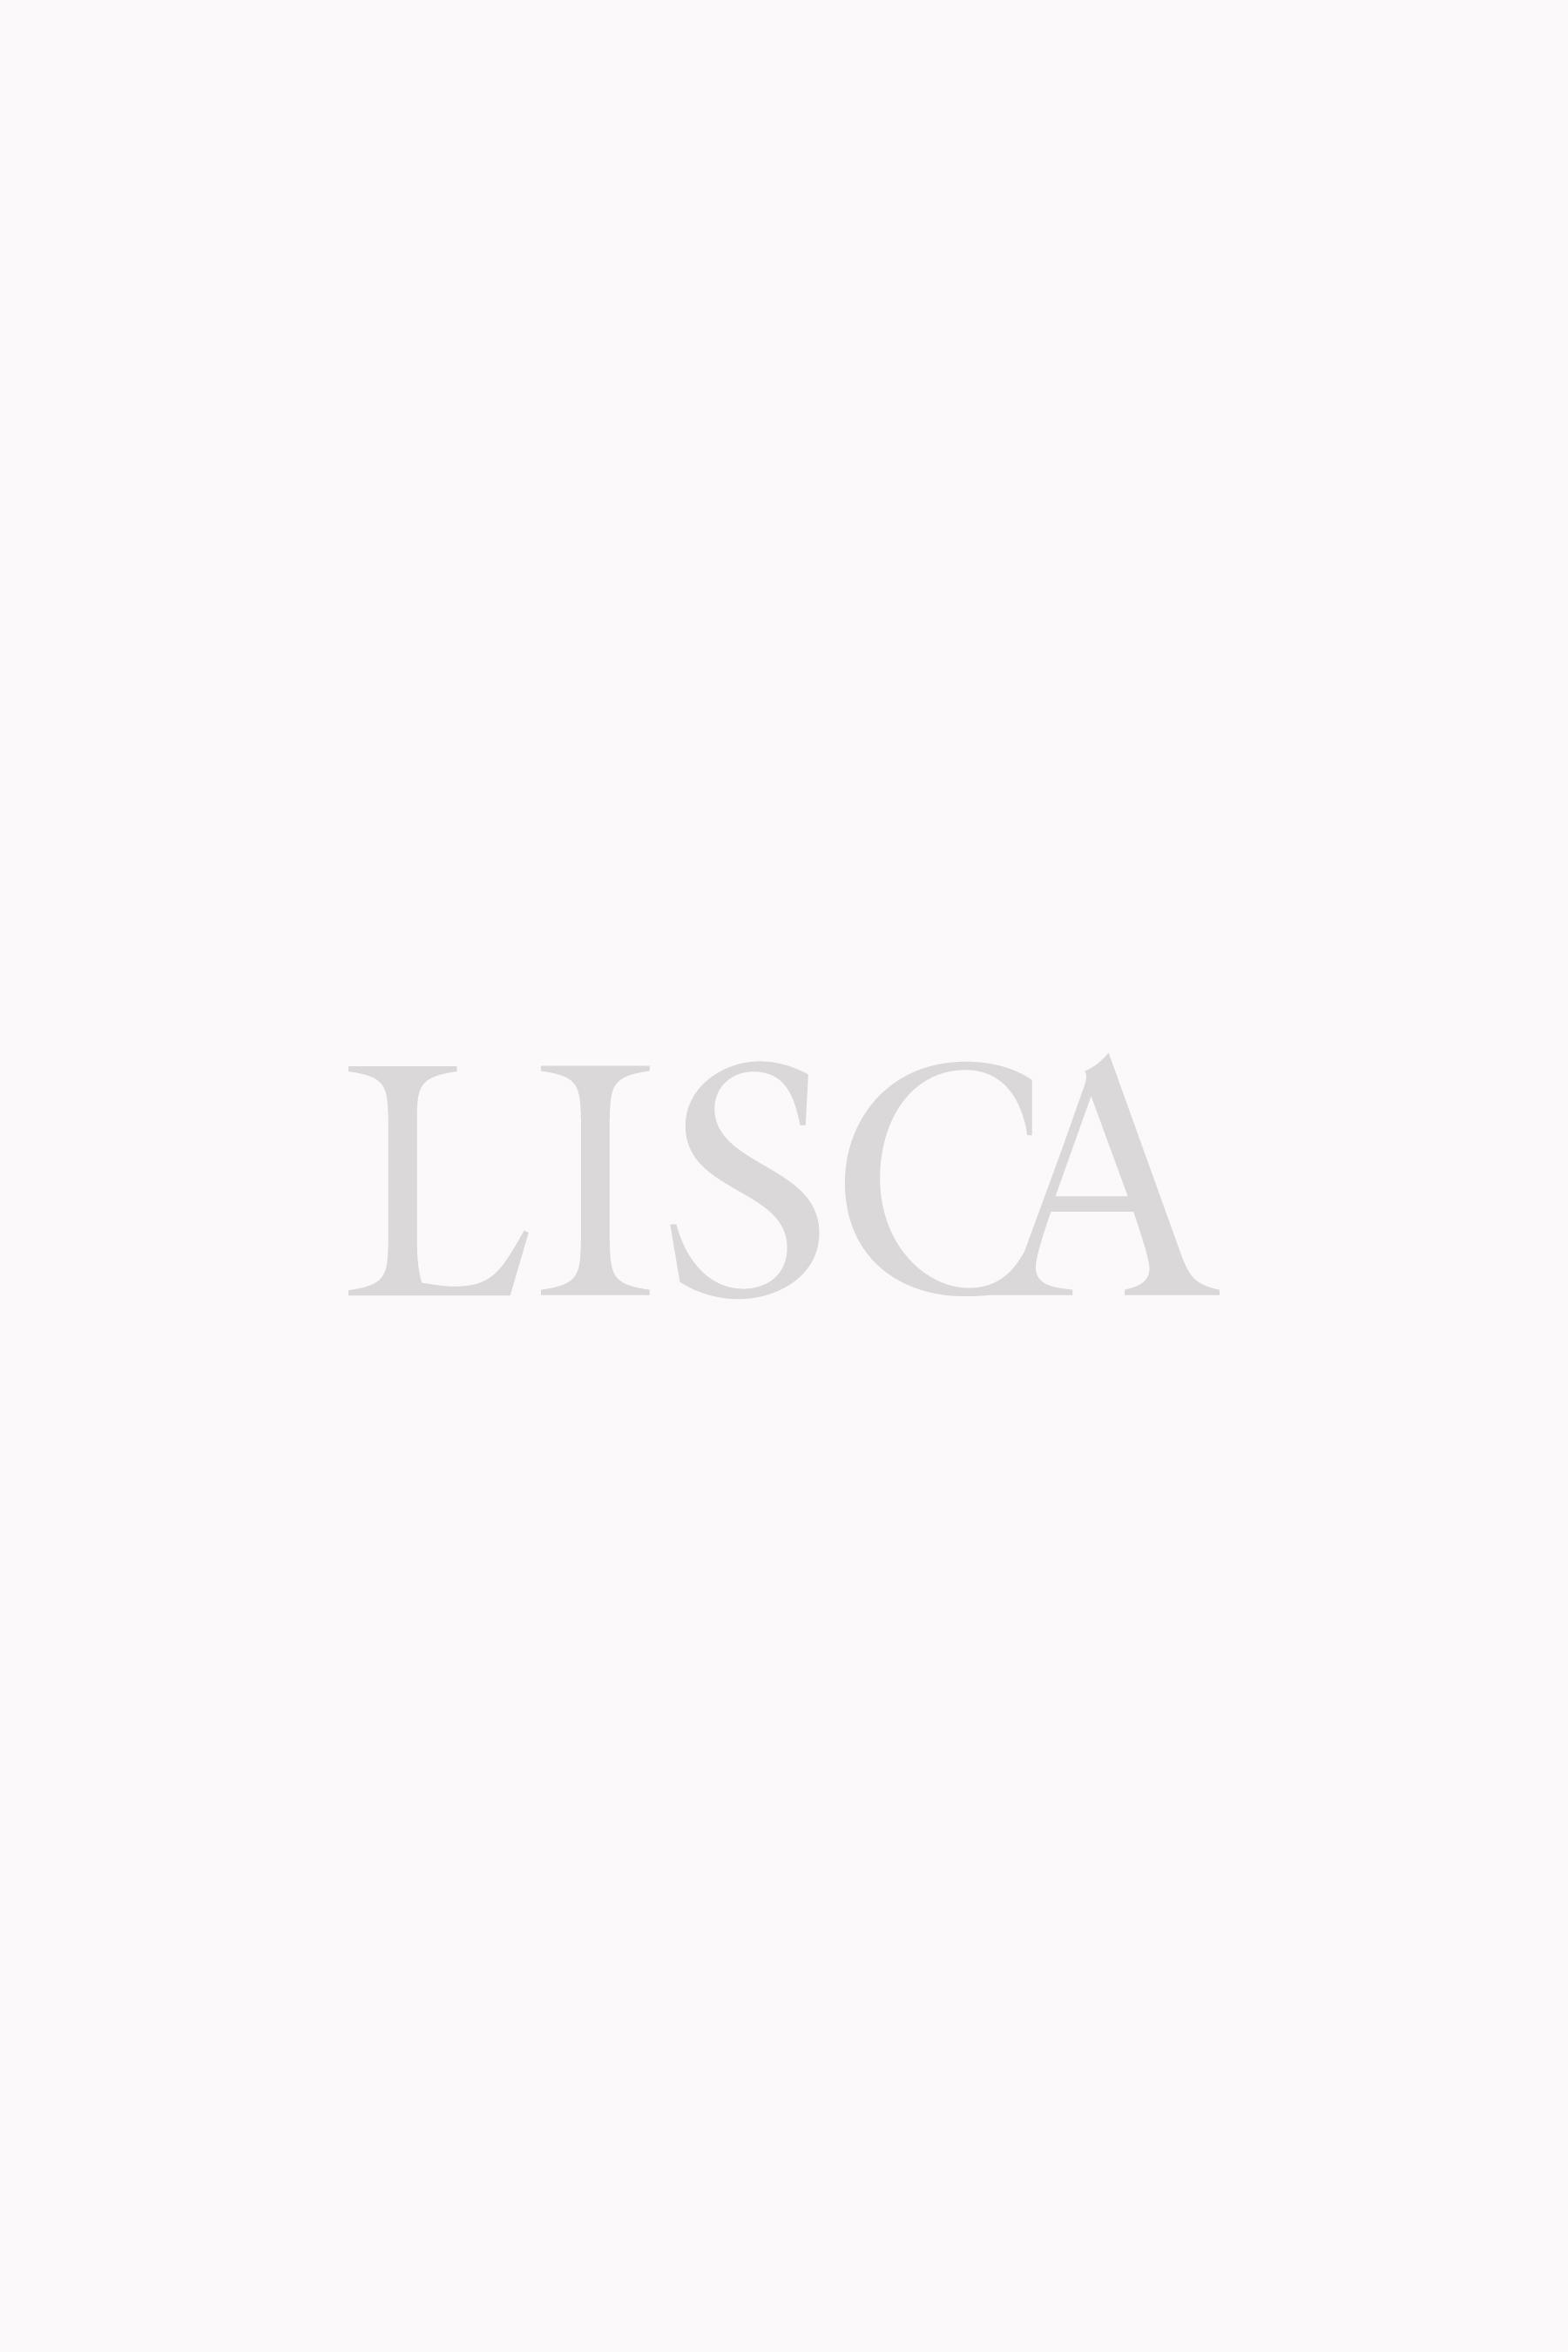 Jednodijelni kupaći za djevojčice »Elisa«